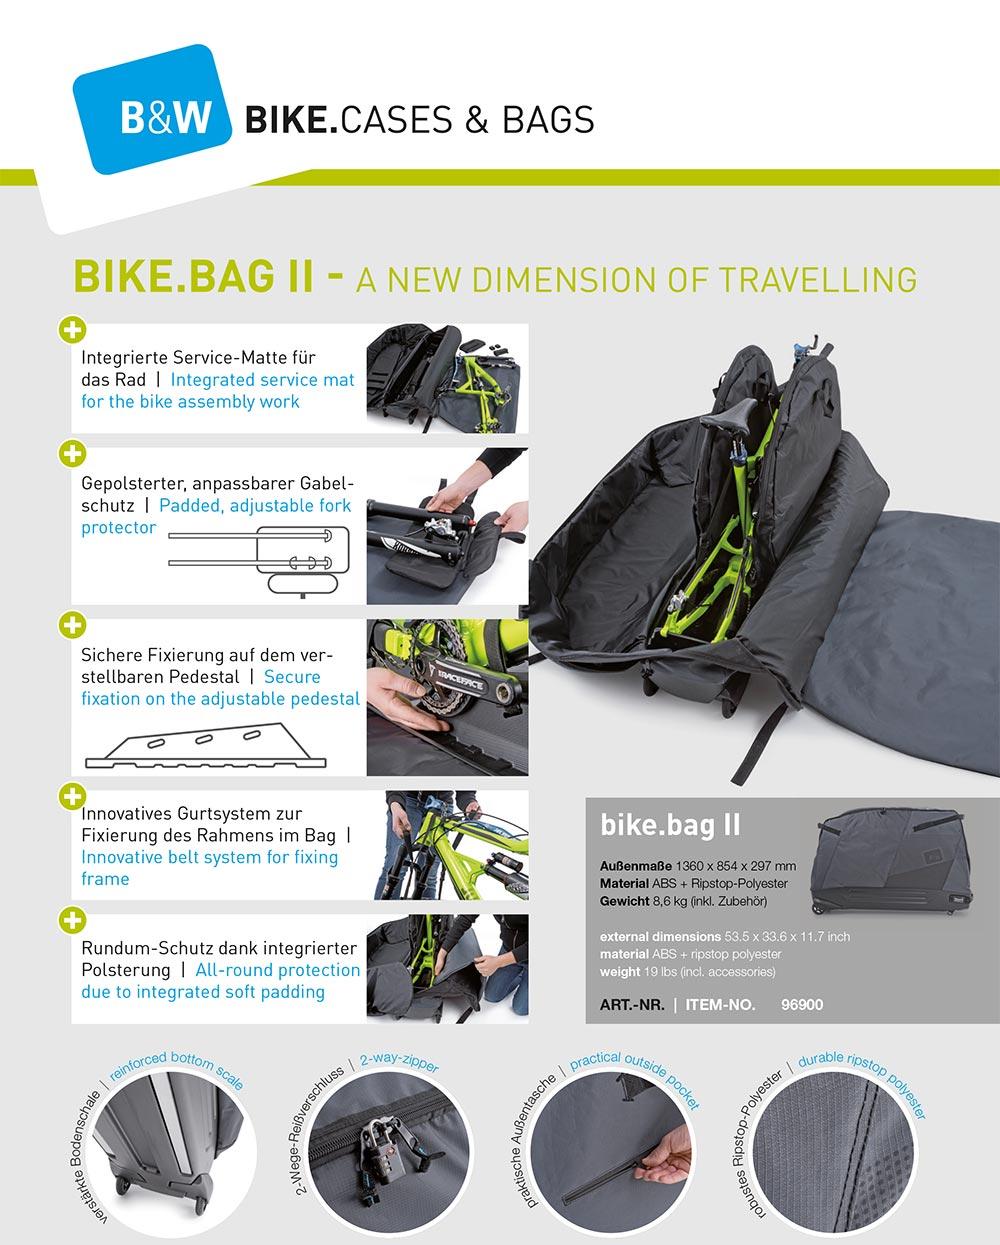 bike-cases_bagII_96900_052019